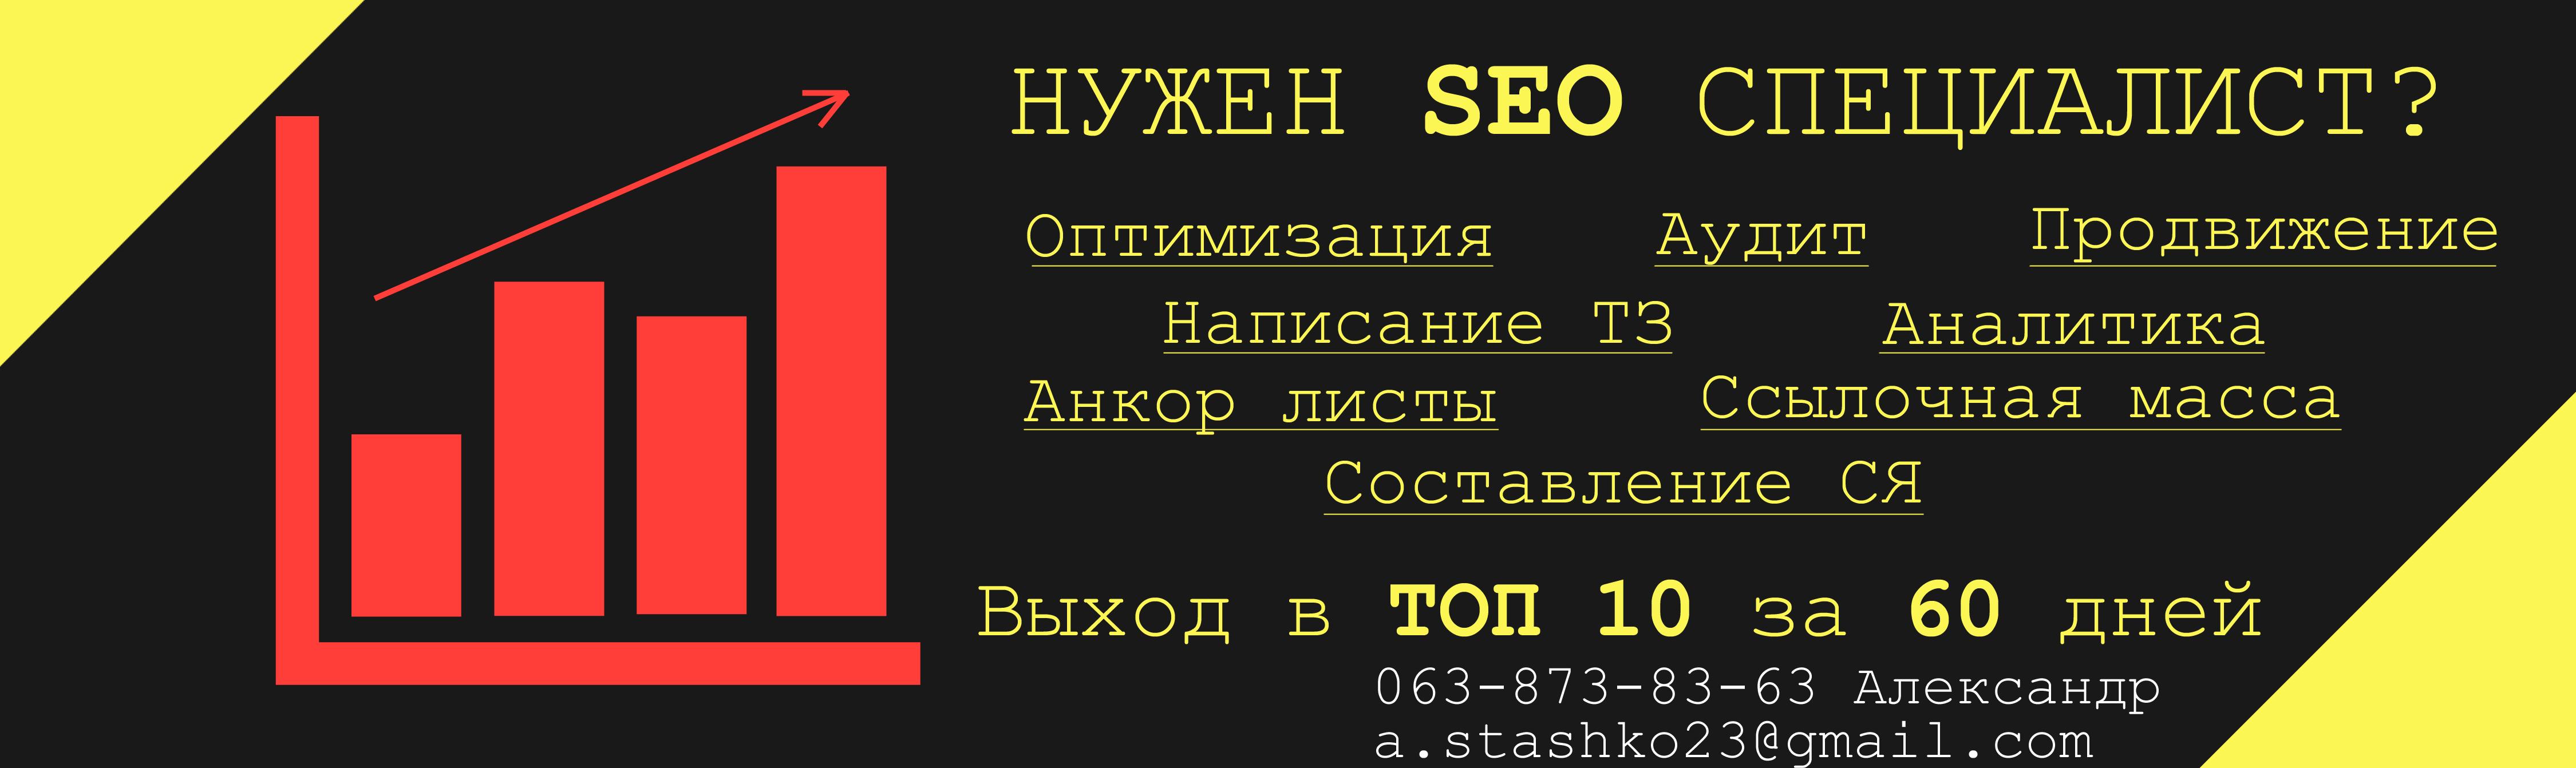 SEO продвижение в Днепропетровске, СЕО, контекст, повышение посещаемости сайта, раскрутка сайта